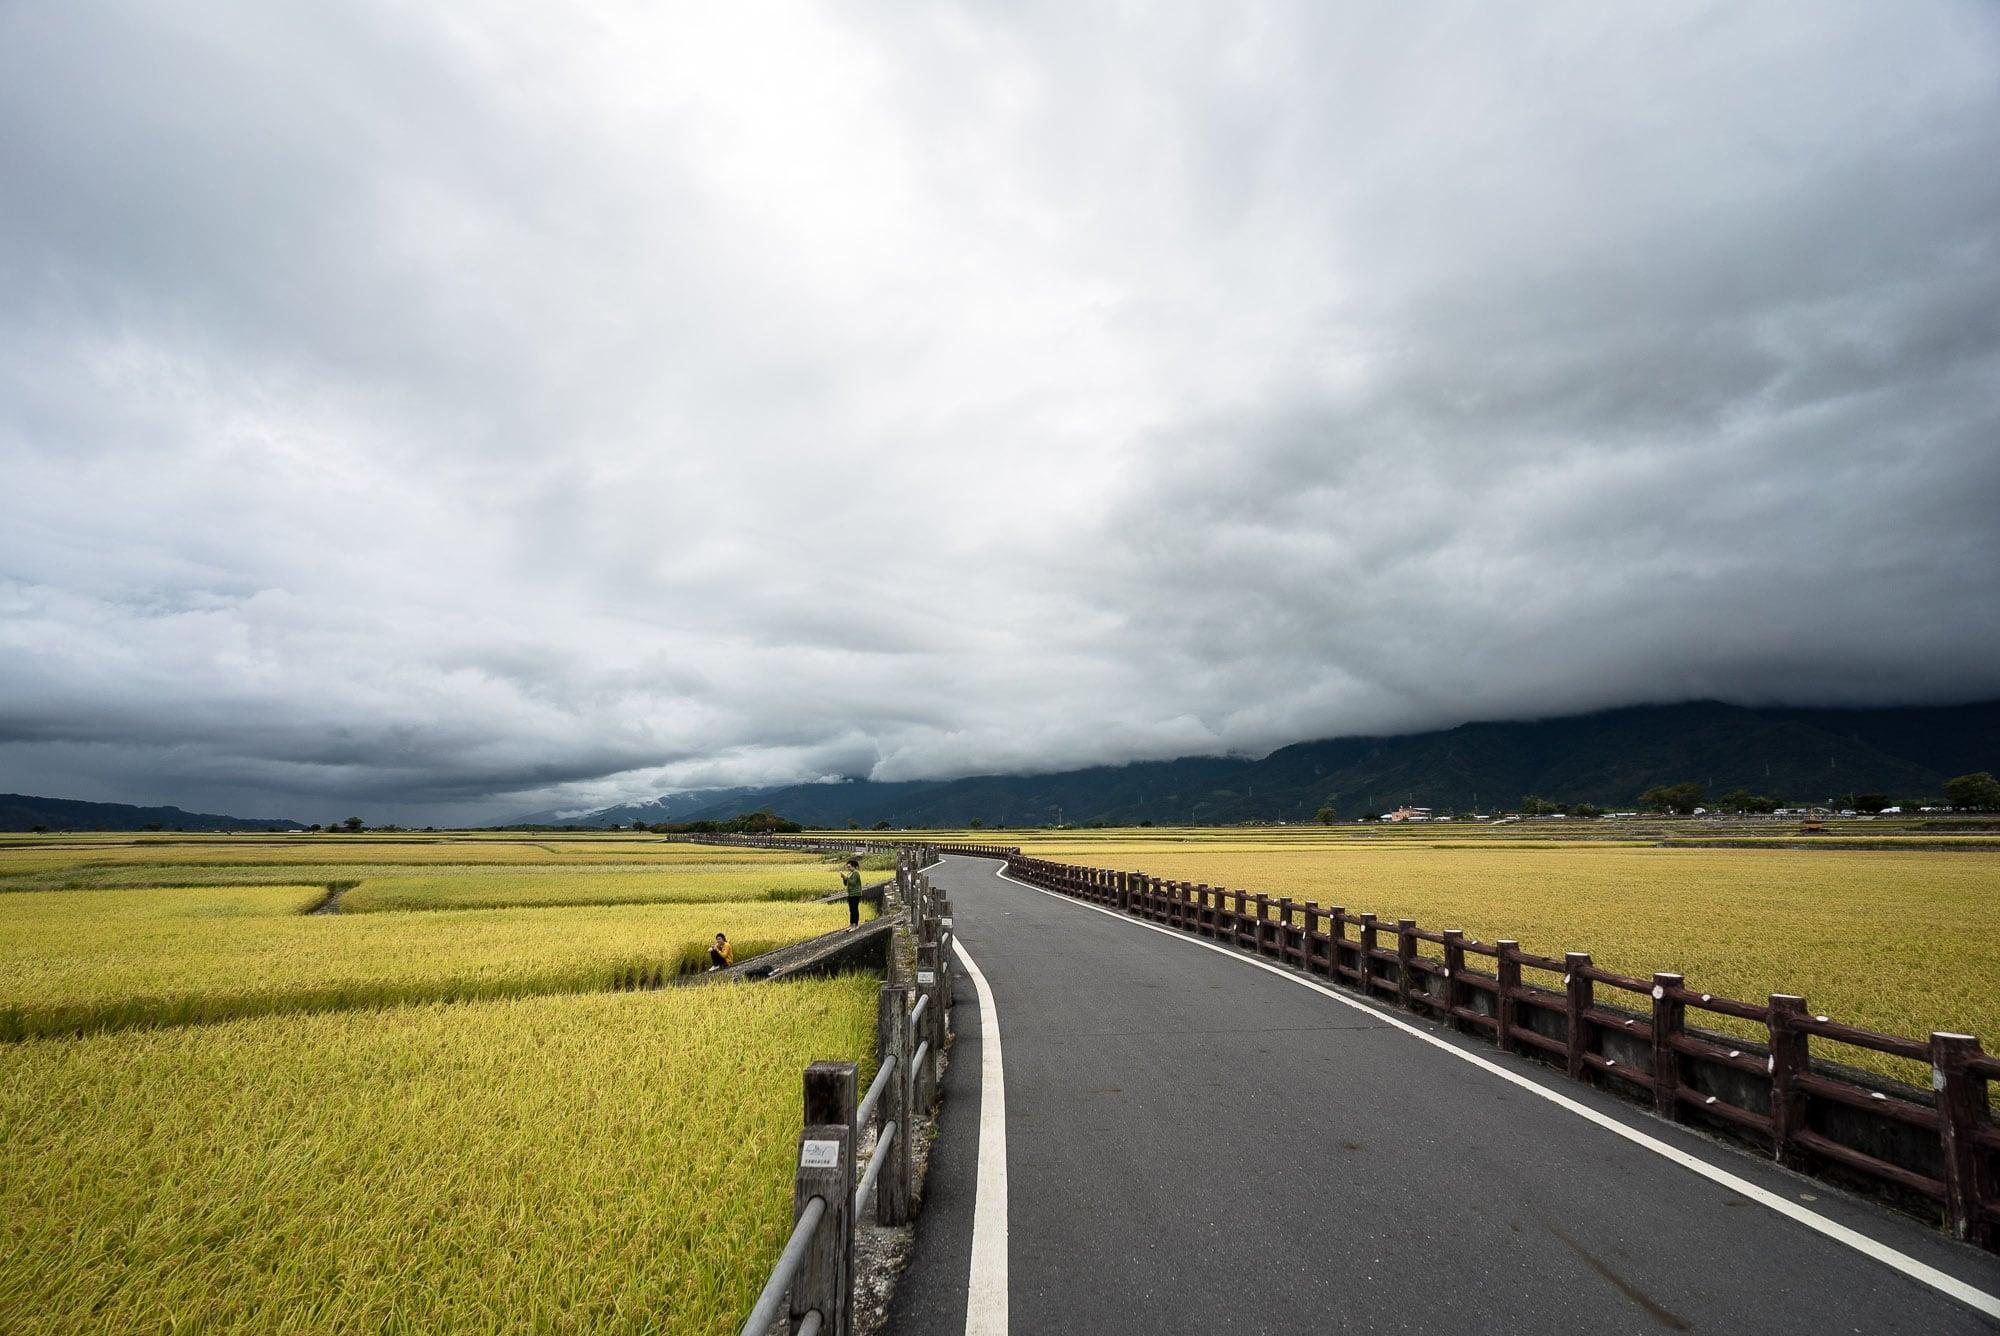 road in Chishang